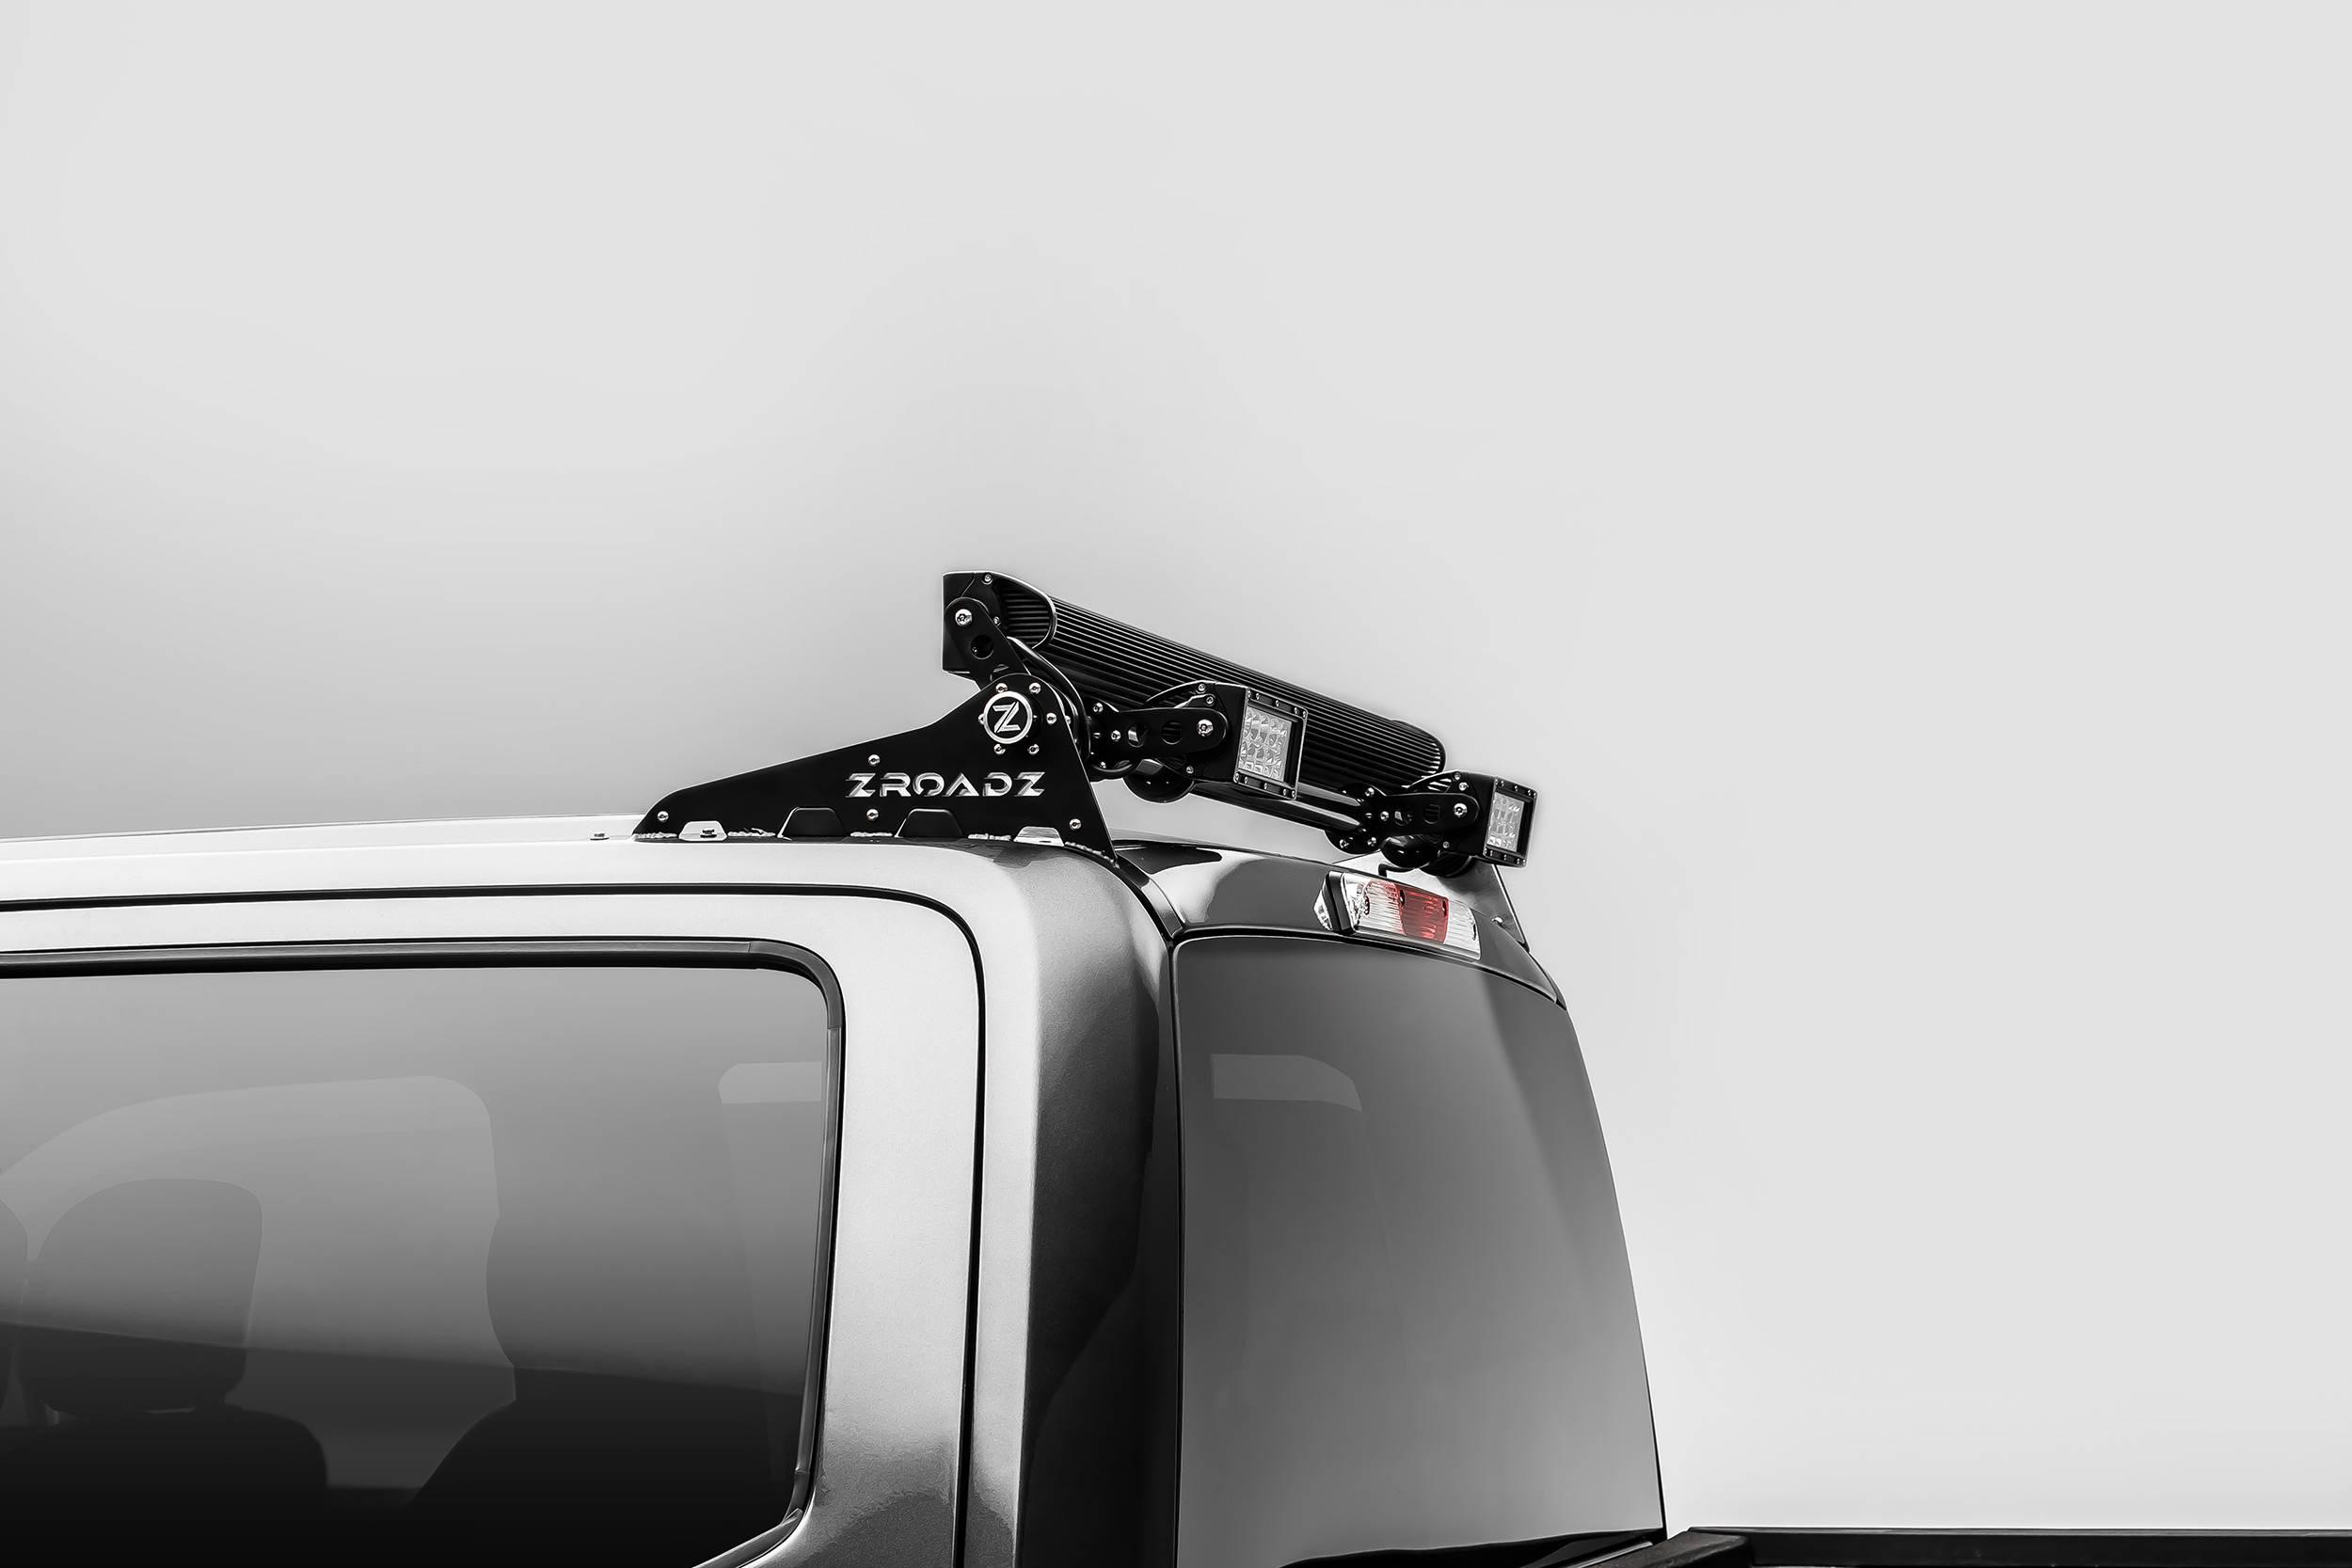 2017 2021 ford super duty modular rack led bracket adjustable to mount up to 4 various size led light bars pn z355471